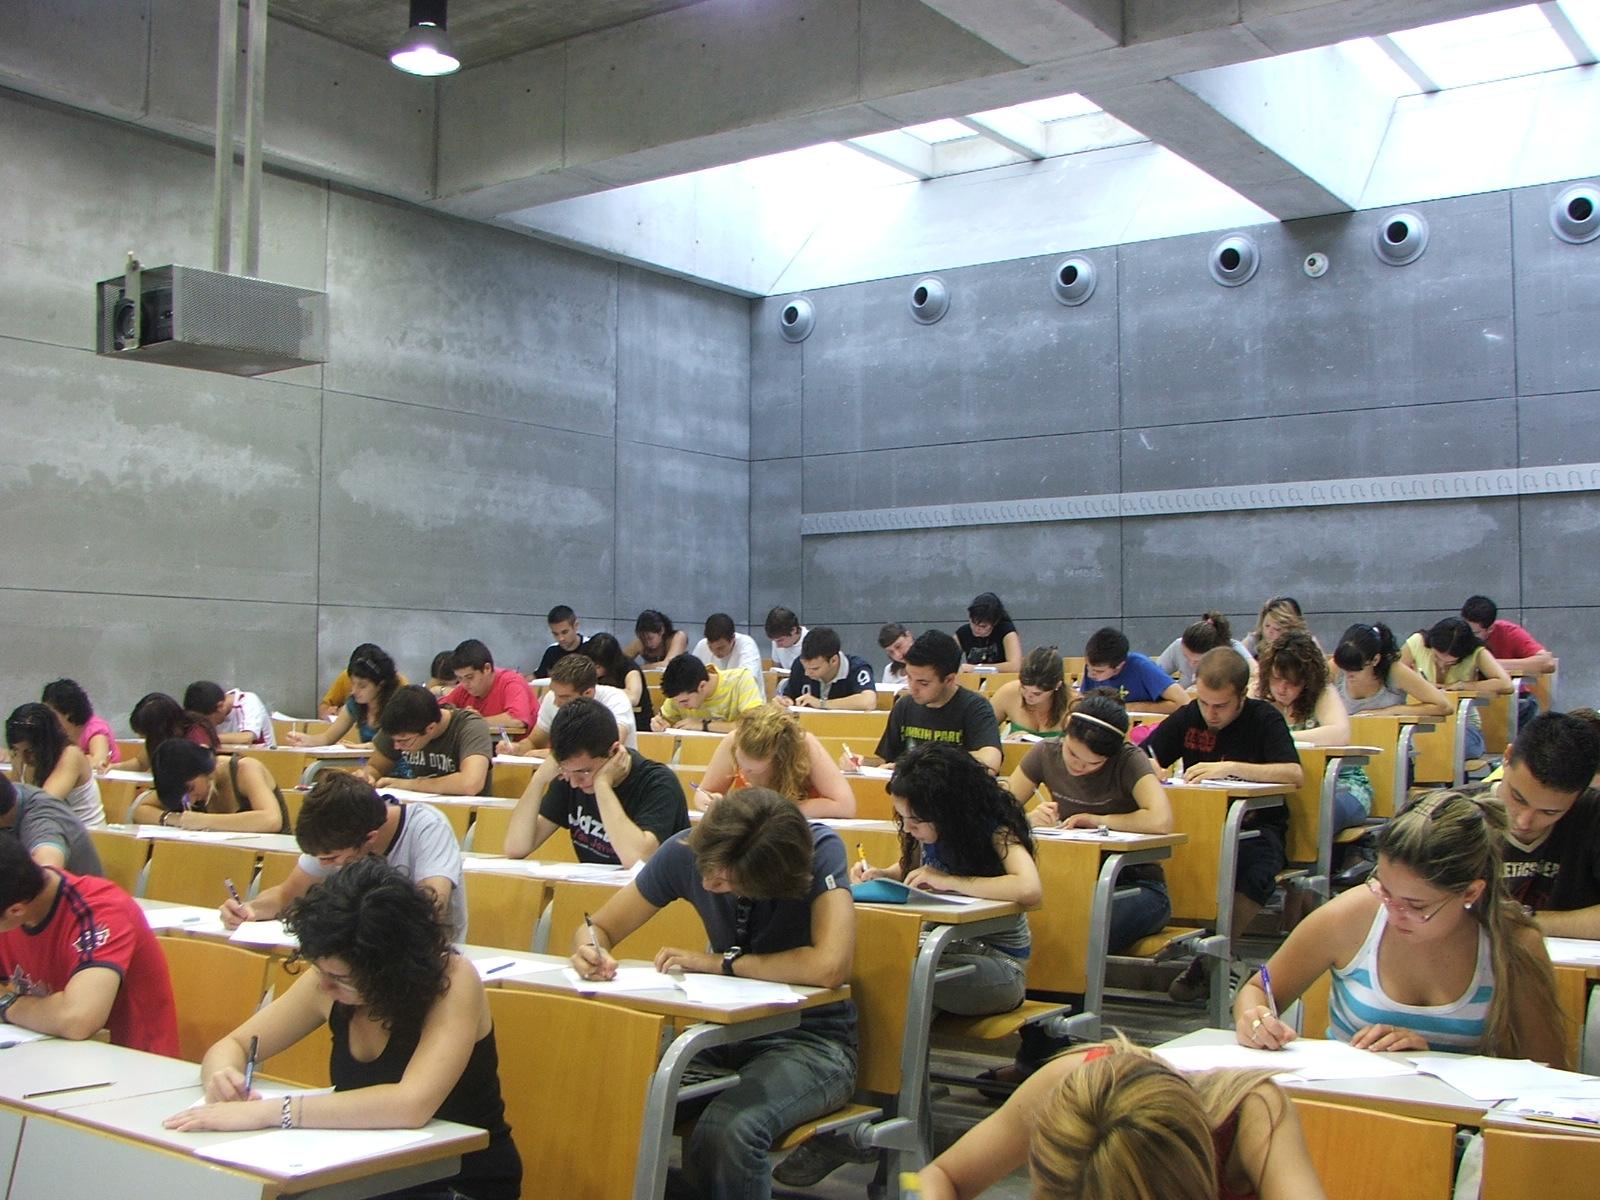 Los estudiantes espa�oles y marroqu�es